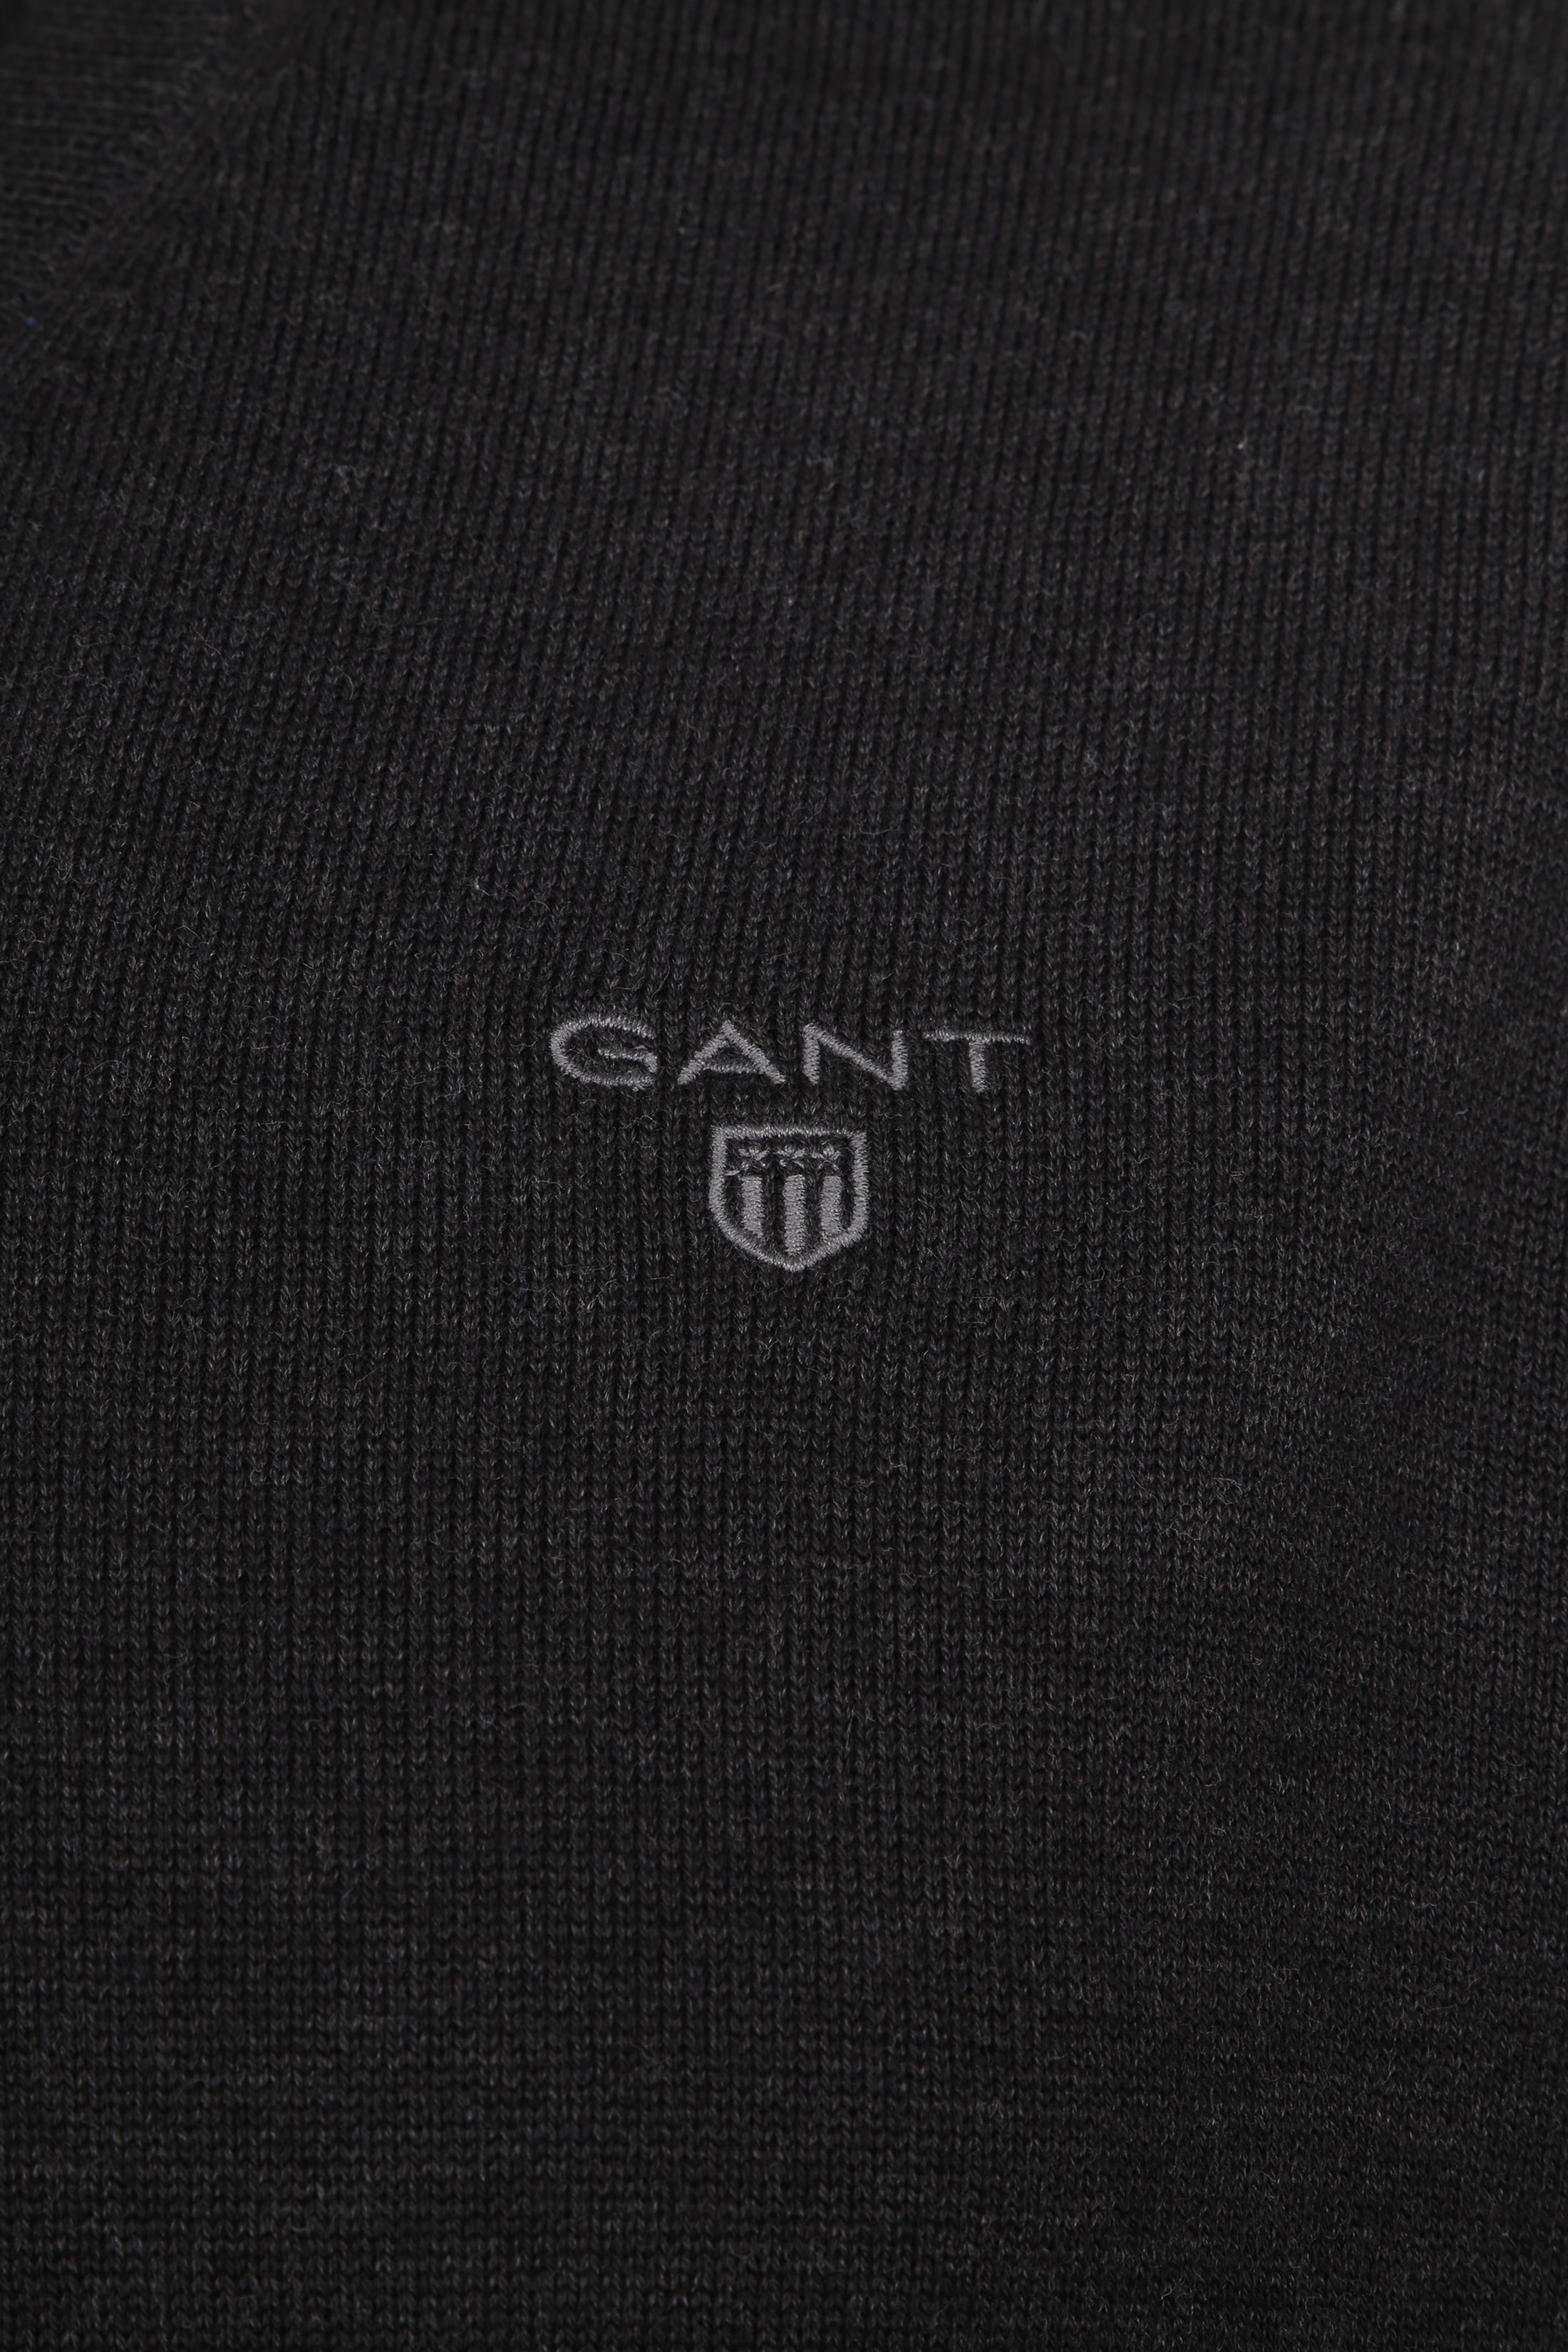 Gant Pullover Premium V-Hals Antraciet foto 1